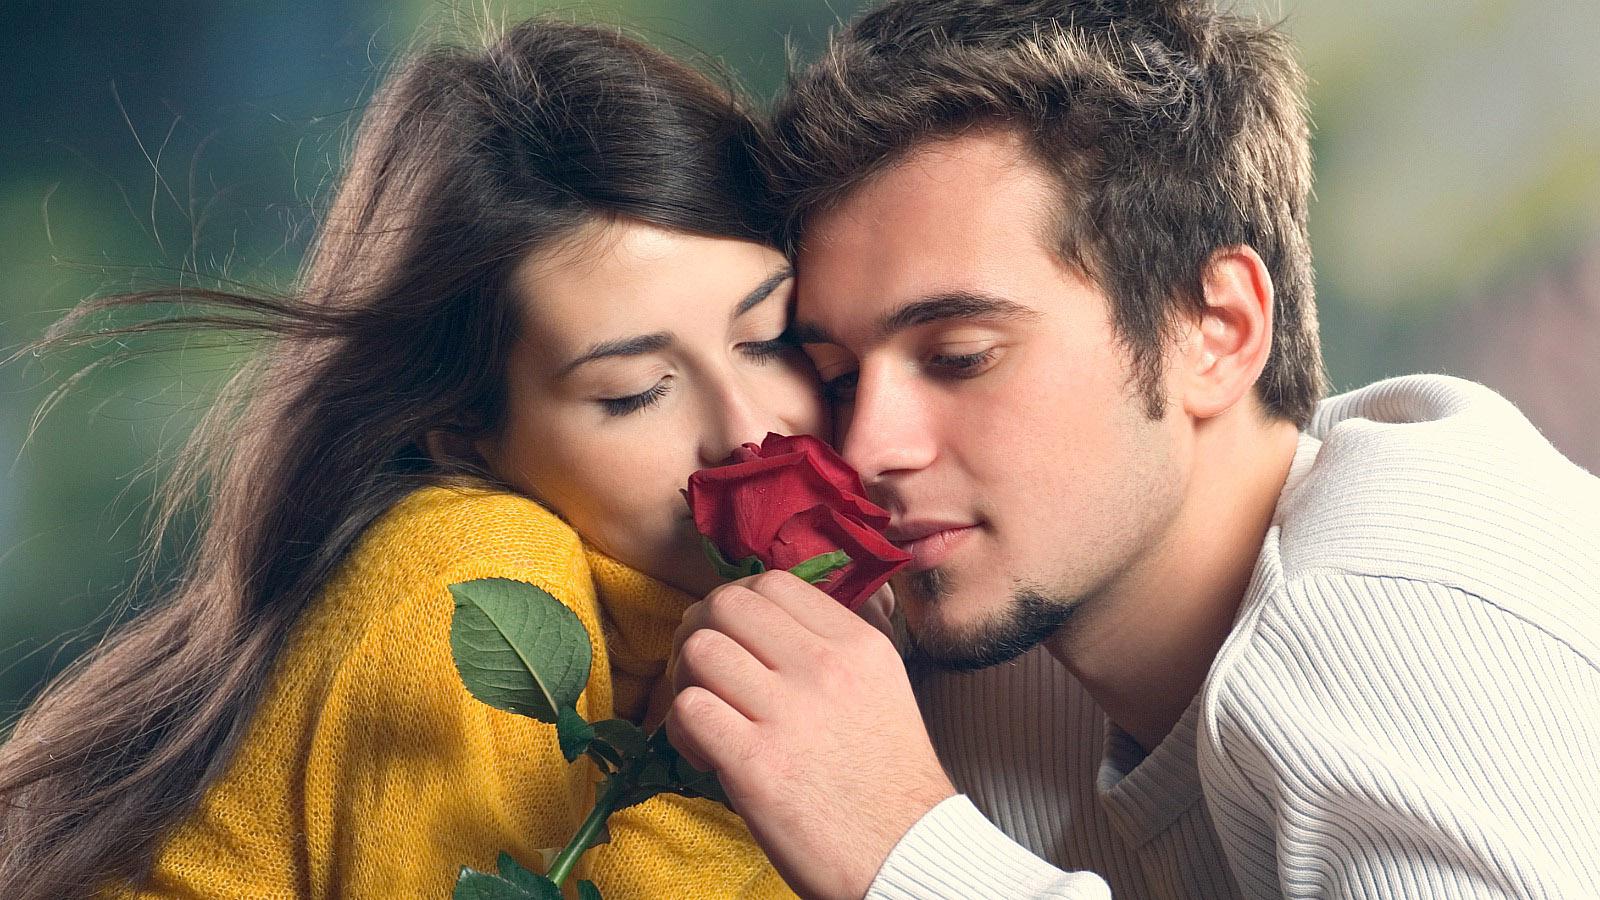 صوره تنزيل صور رومانسيه , شاهد بالصور ما يحملة القلب من رومانسيات